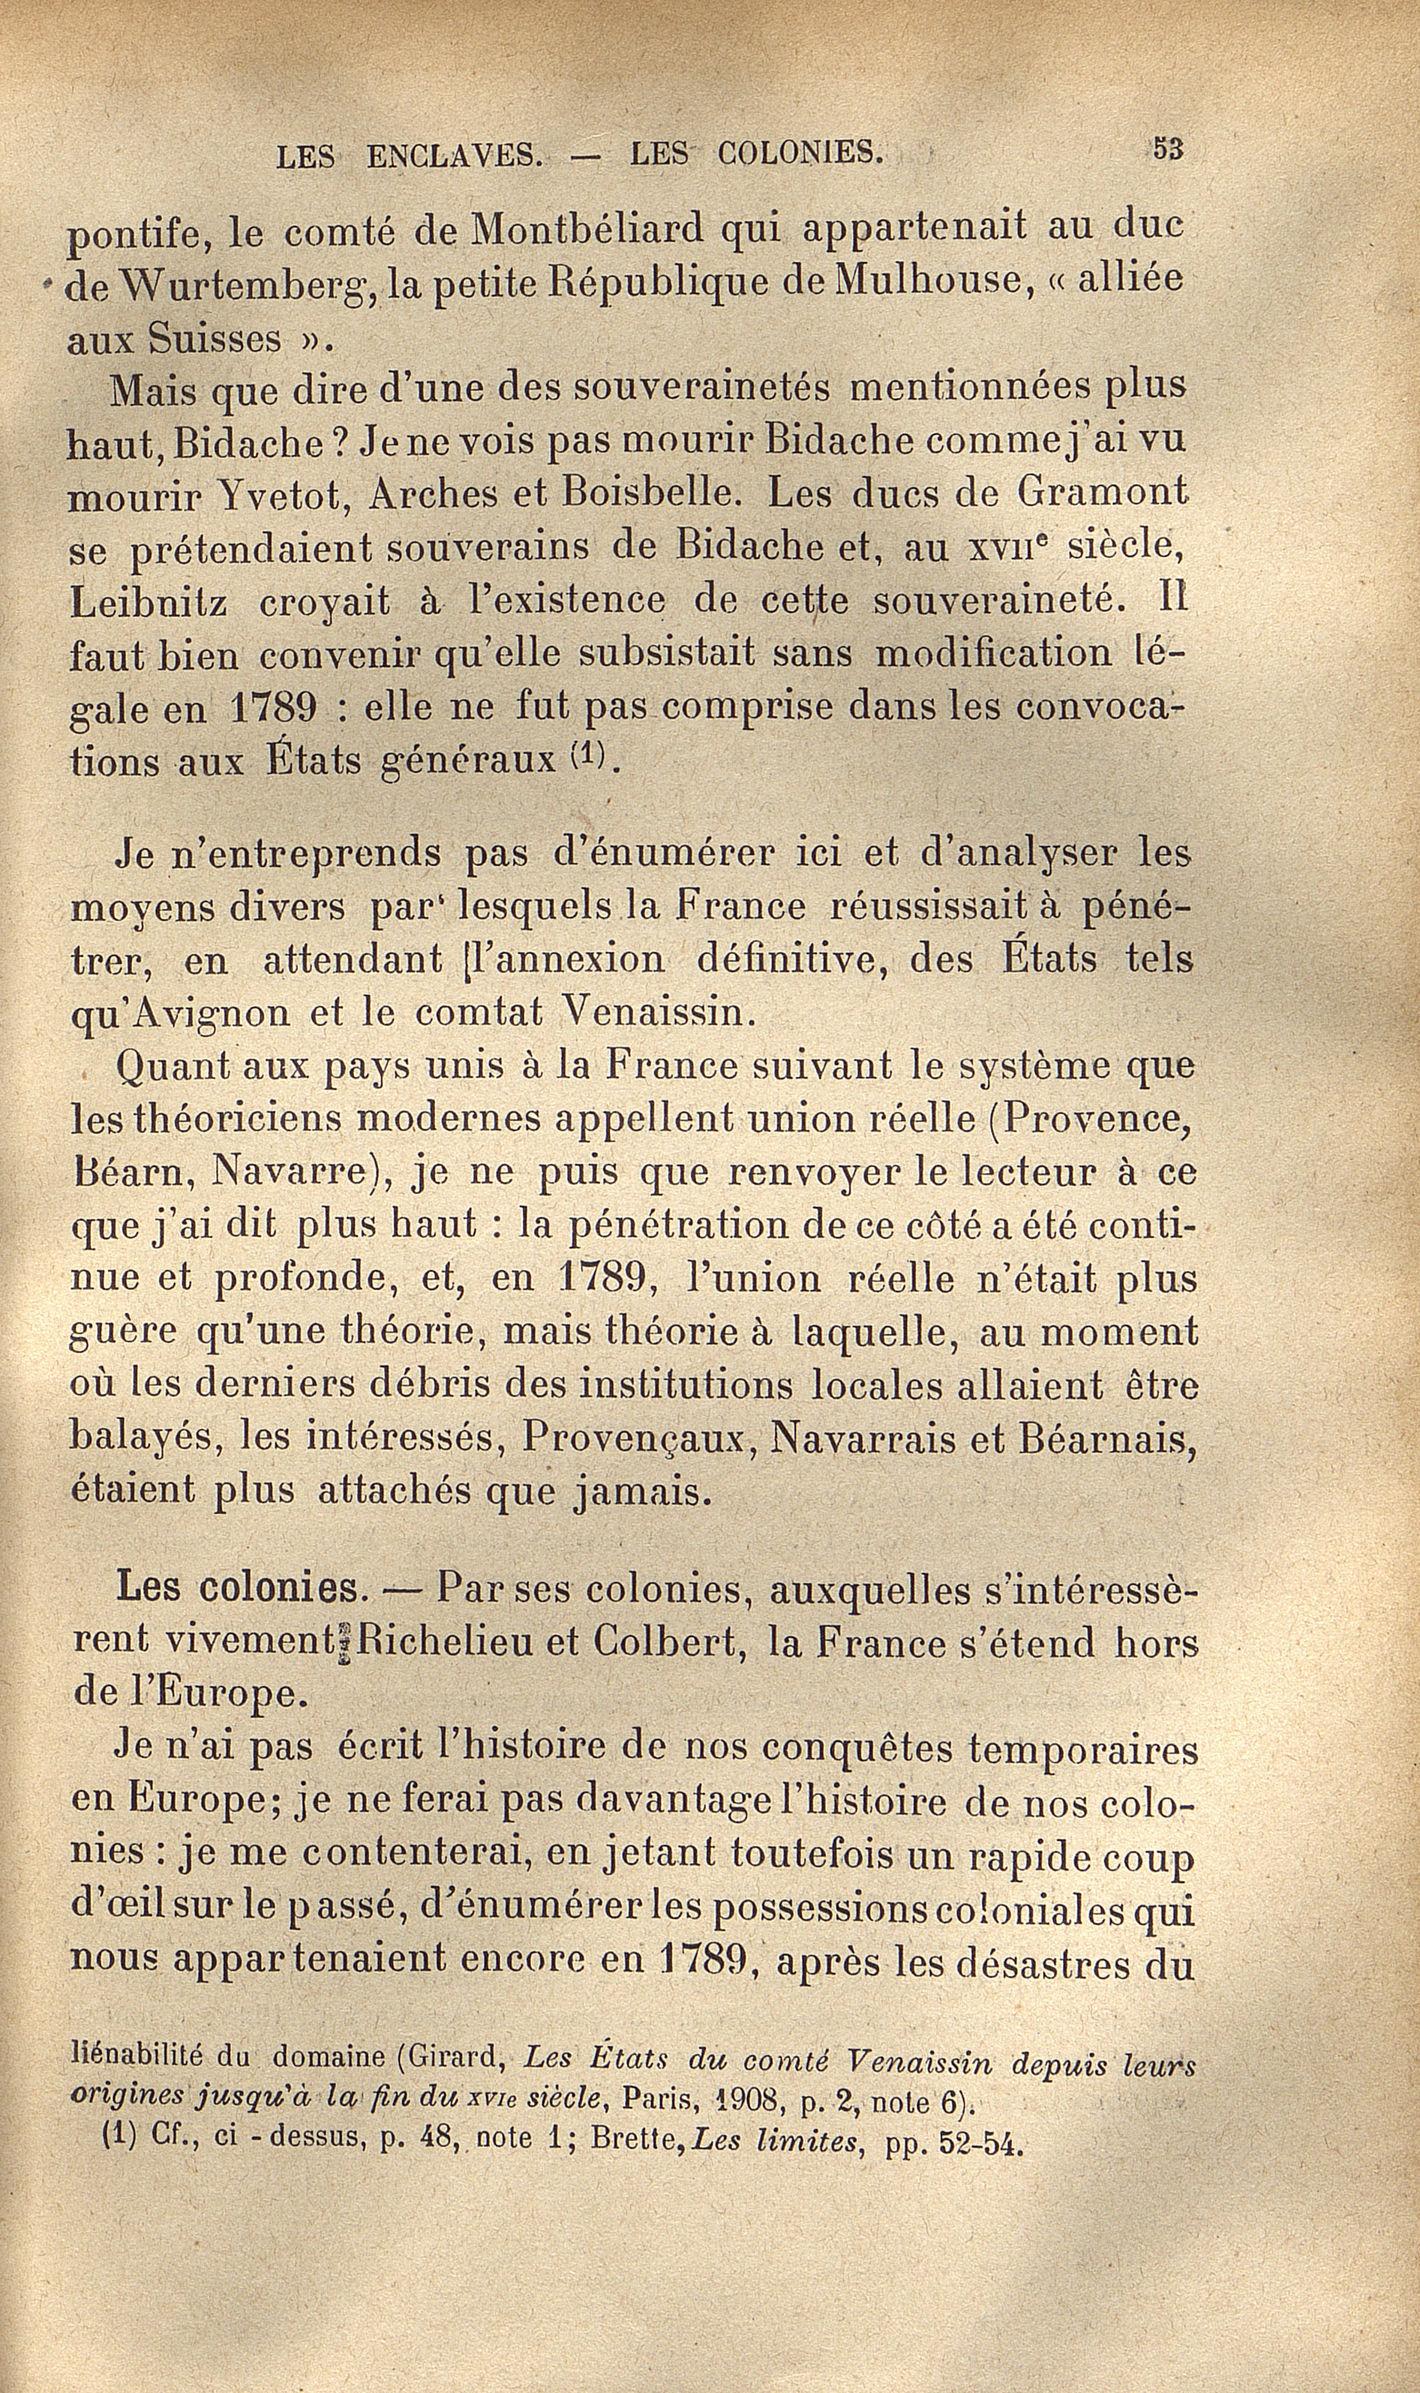 http://expo-paulviollet.univ-paris1.fr/wp-content/uploads/2016/02/0605381272_0067.jpg